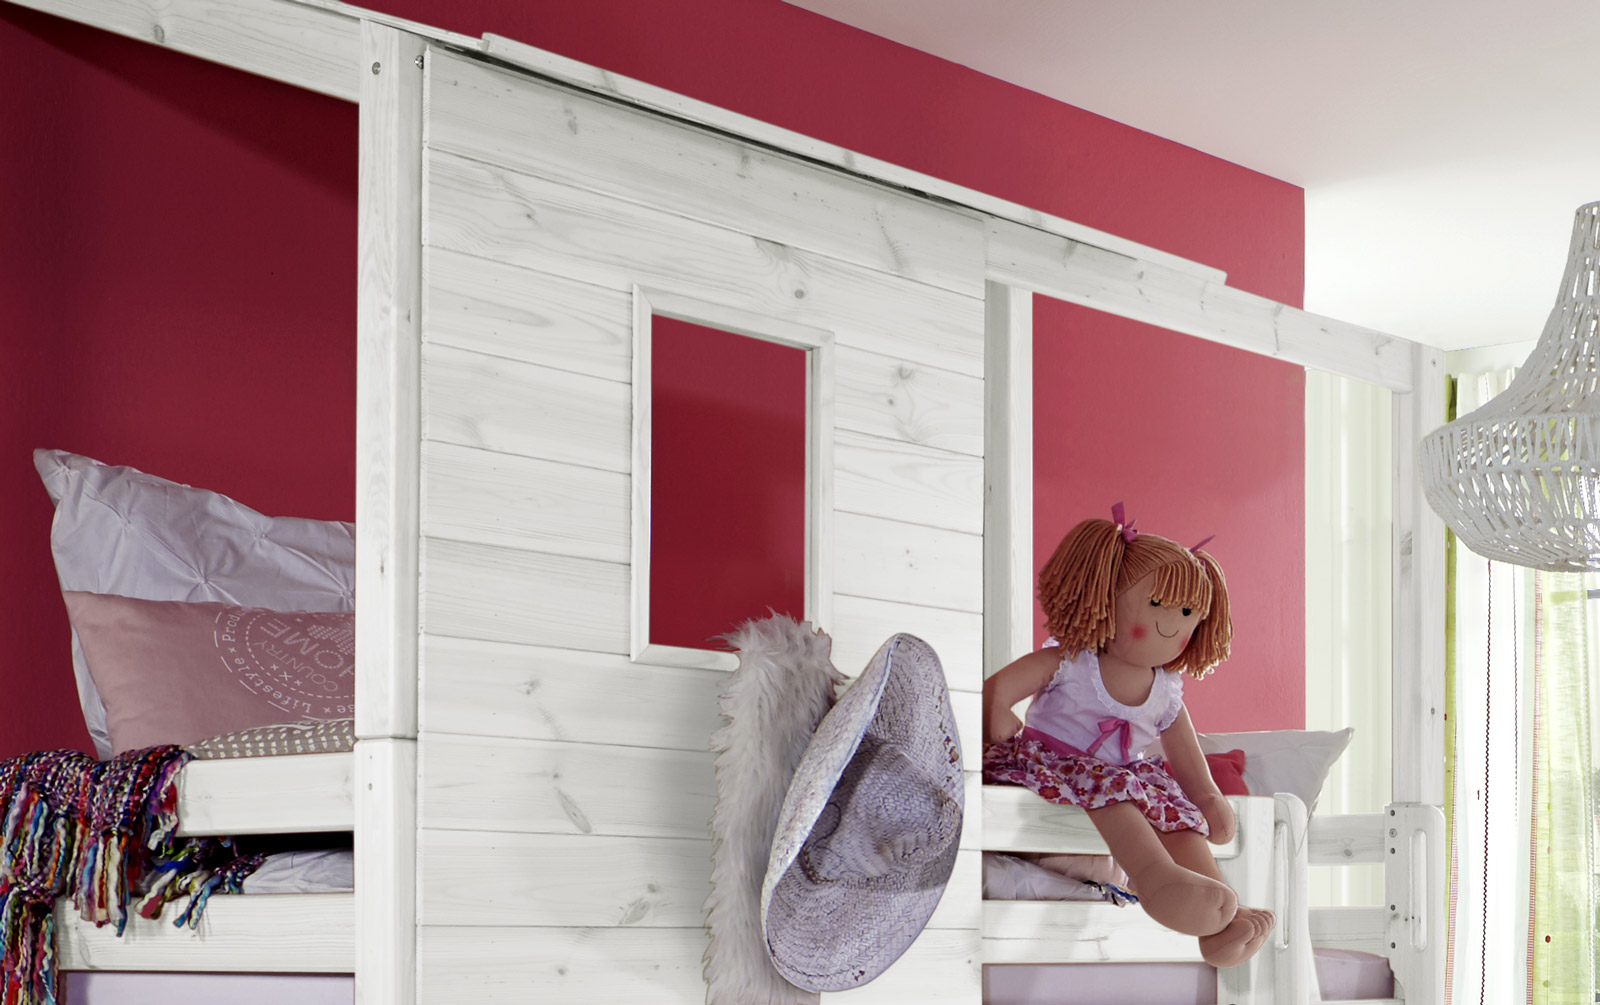 Etagenbett Für Mädchen : Extra hohes abenteuer hochbett für mädchen kids paradise